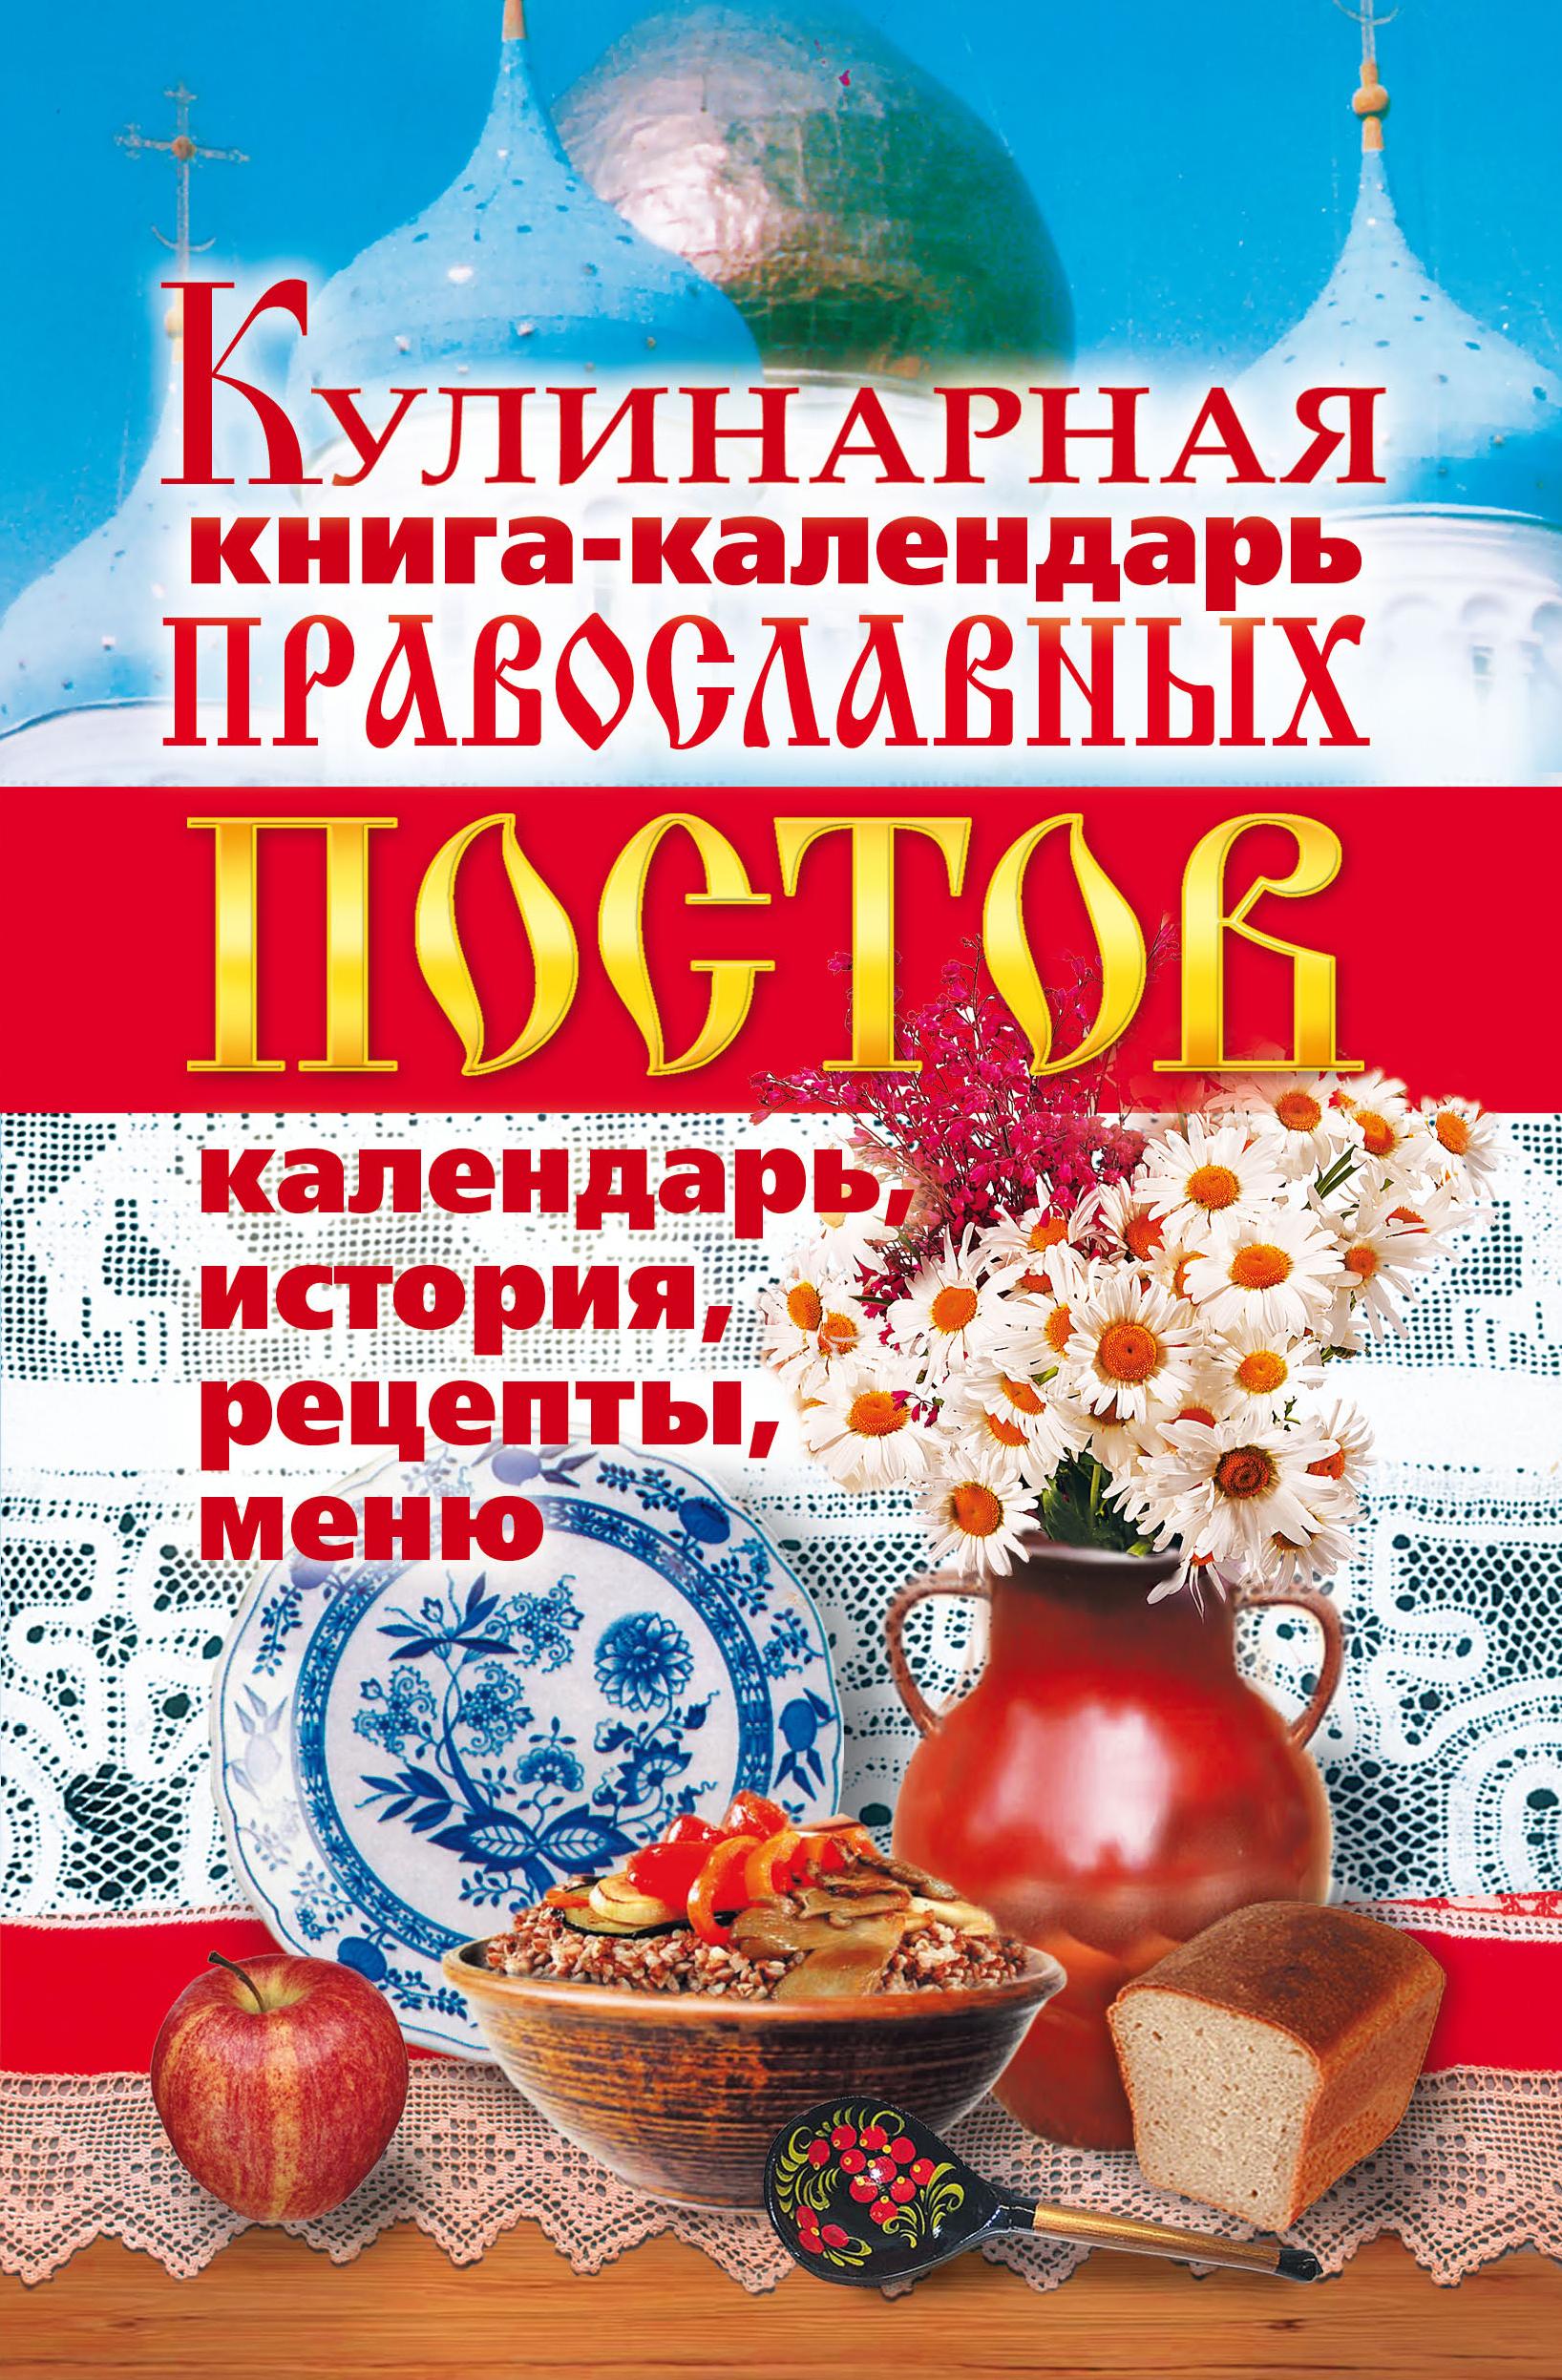 Отсутствует Кулинарная книга-календарь православных постов. Календарь, история, рецепты, меню цена и фото